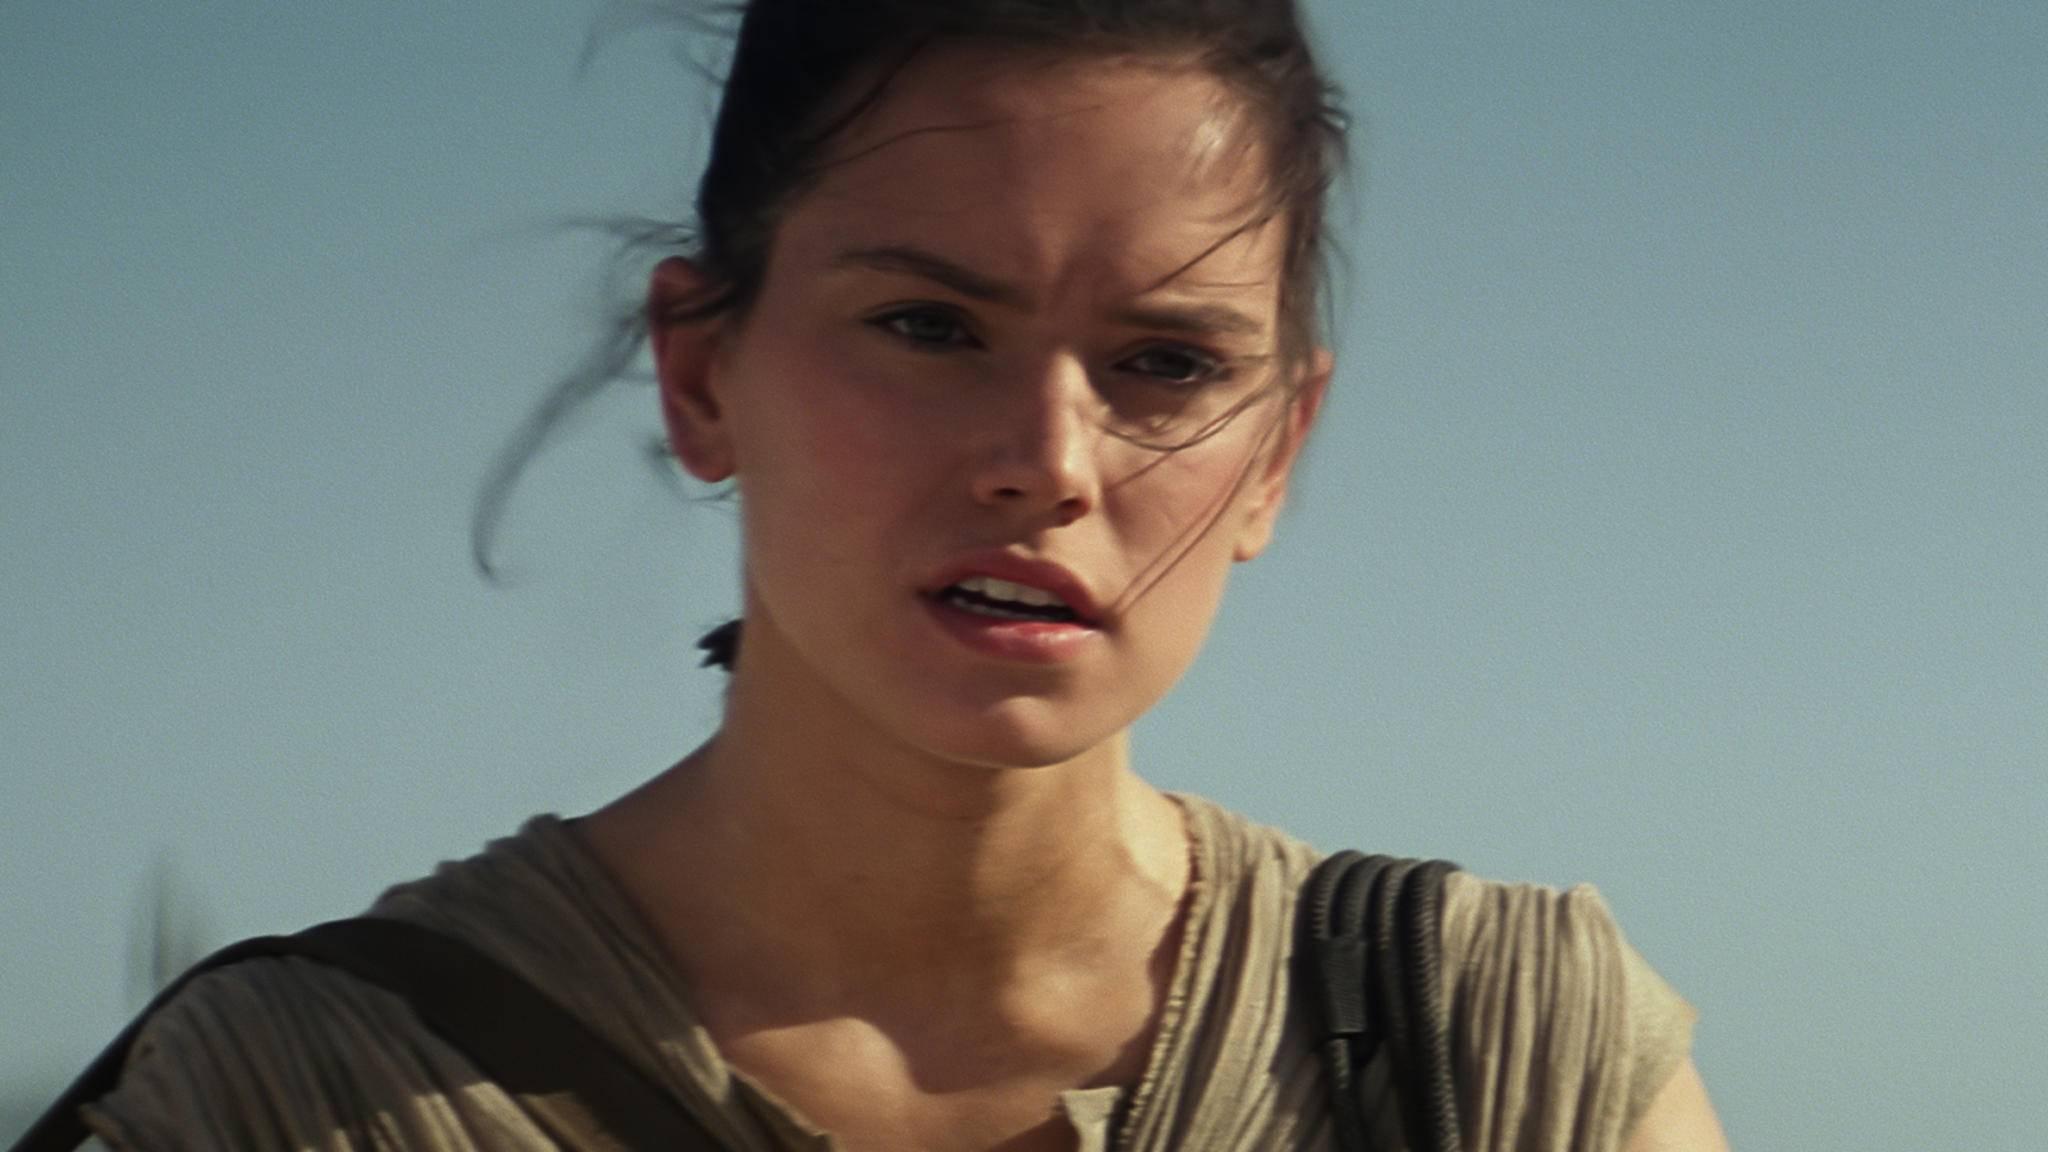 """Da staunt auch Rey (Daisy Ridley) nicht schlecht: """"Star Wars: Die letzten Jedi"""" wurde zum besten Science-Fiction/Fantasyfilm 2017 erkoren!"""